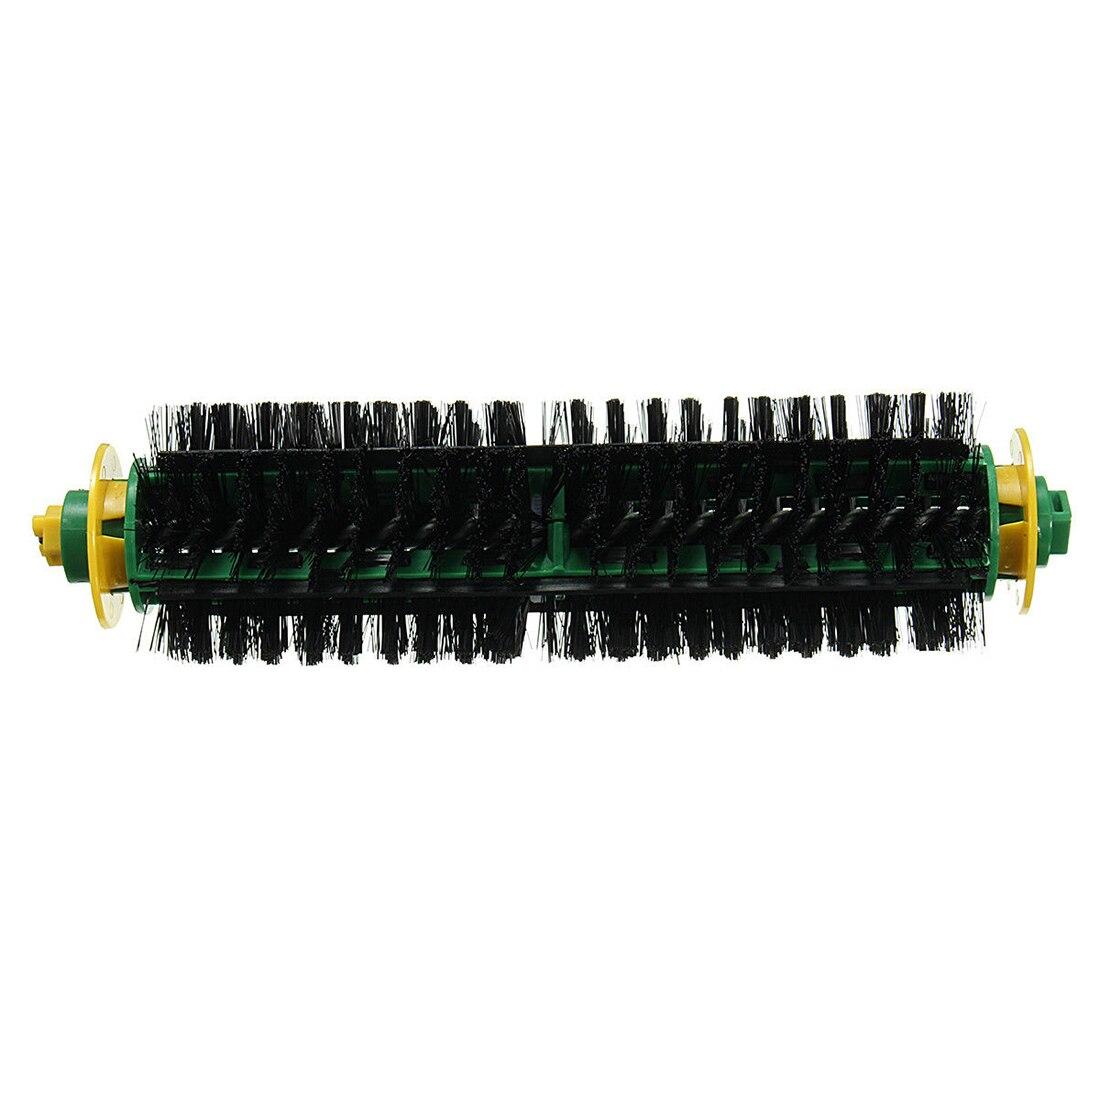 Herzhaft Pinsel Kit Fit Für Irobot Roomba 500 Serie 530 540 550 560 570 580 551 561 555 Haushaltsgeräte